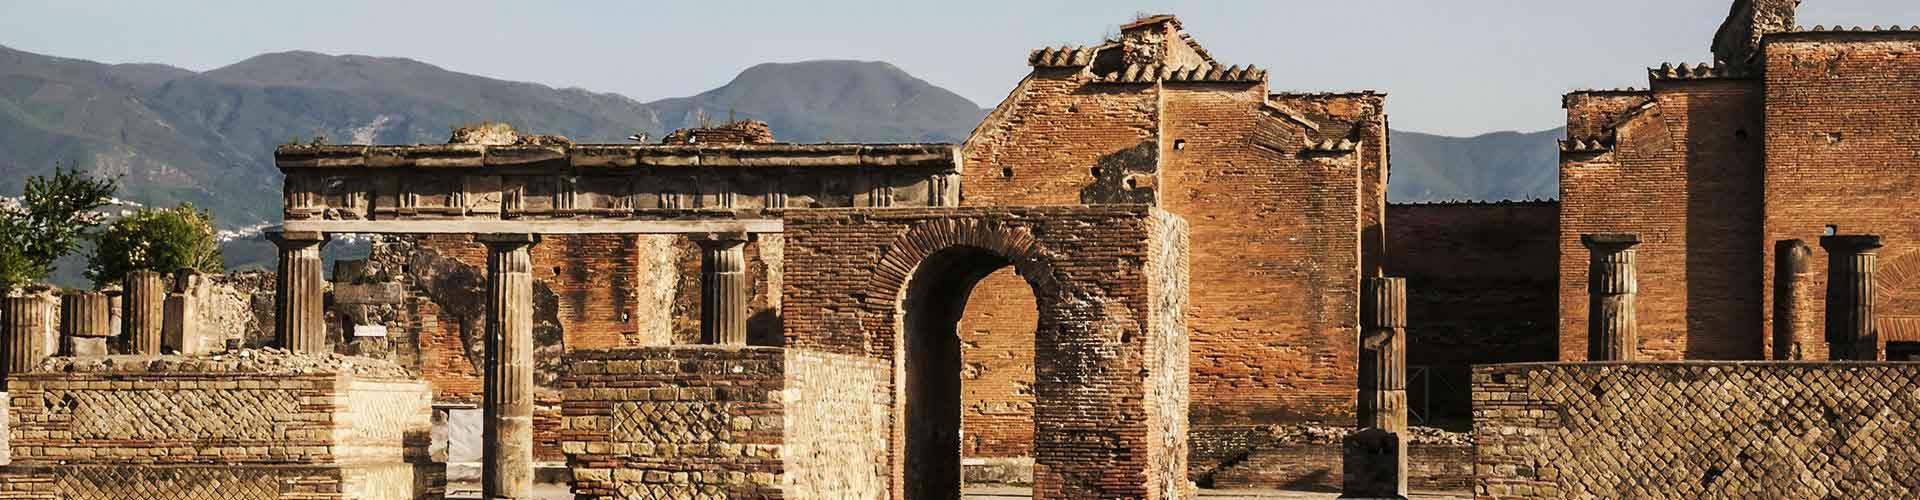 폼페이 - 폼페이에 있는 호스텔. 폼페이의 지도, 폼페이에 위치한 호스텔 사진 및 후기 정보.